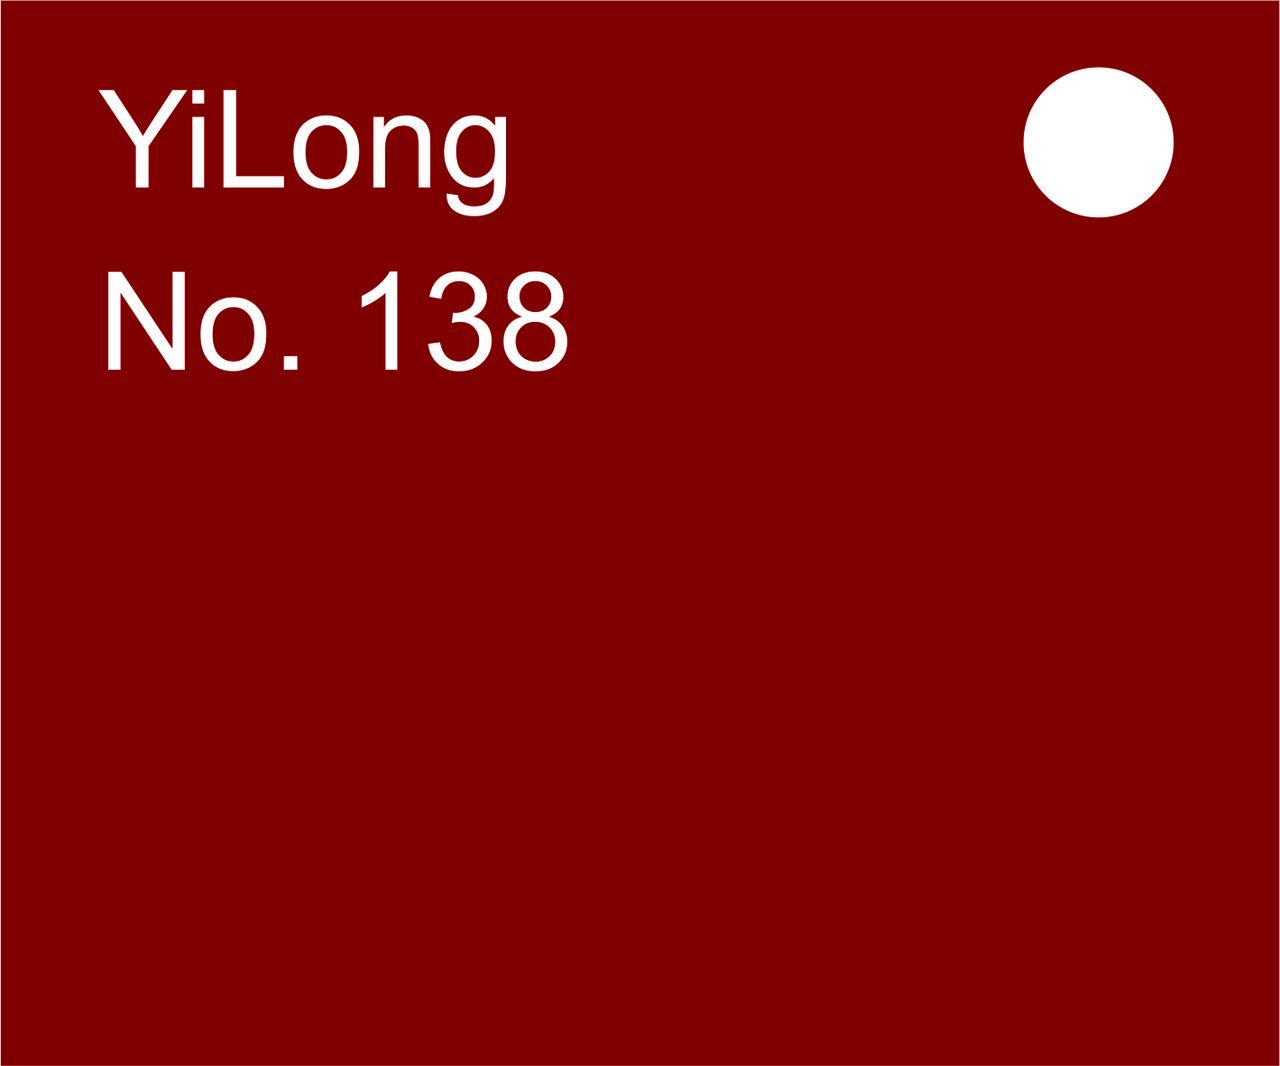 Акрил темно-красный 2мм (1,25м х 2,48м)